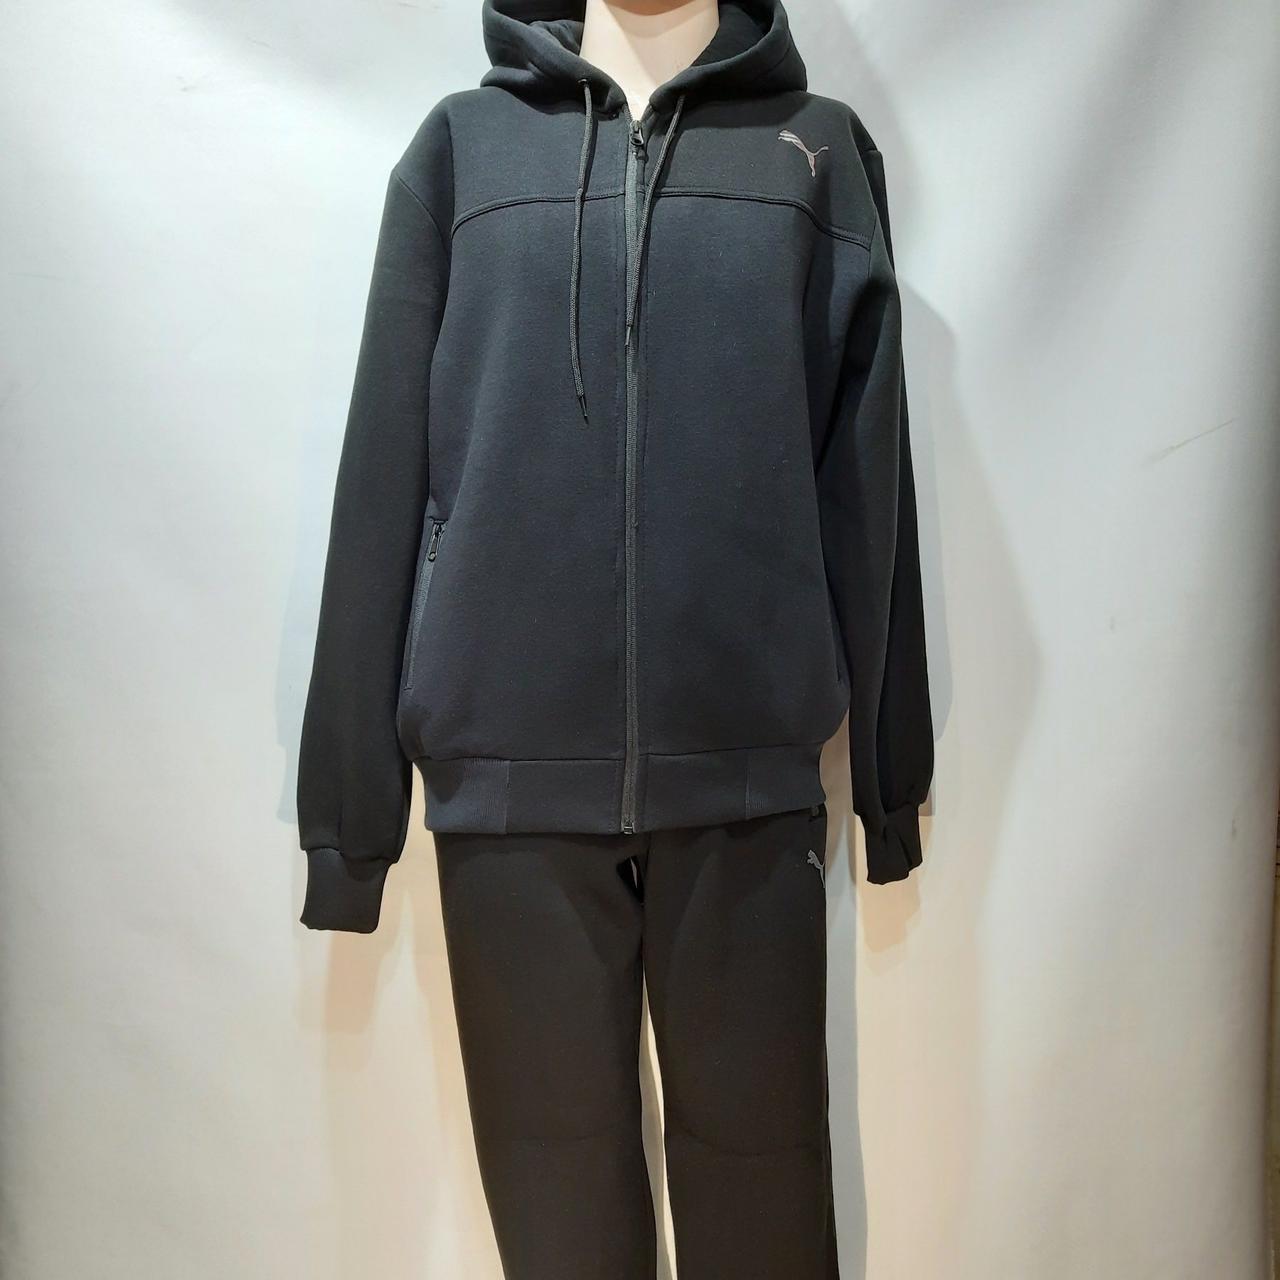 Спортивный костюм мужской (Больших размеров) теплый, с начесом с капюшоном Черный отличного качества